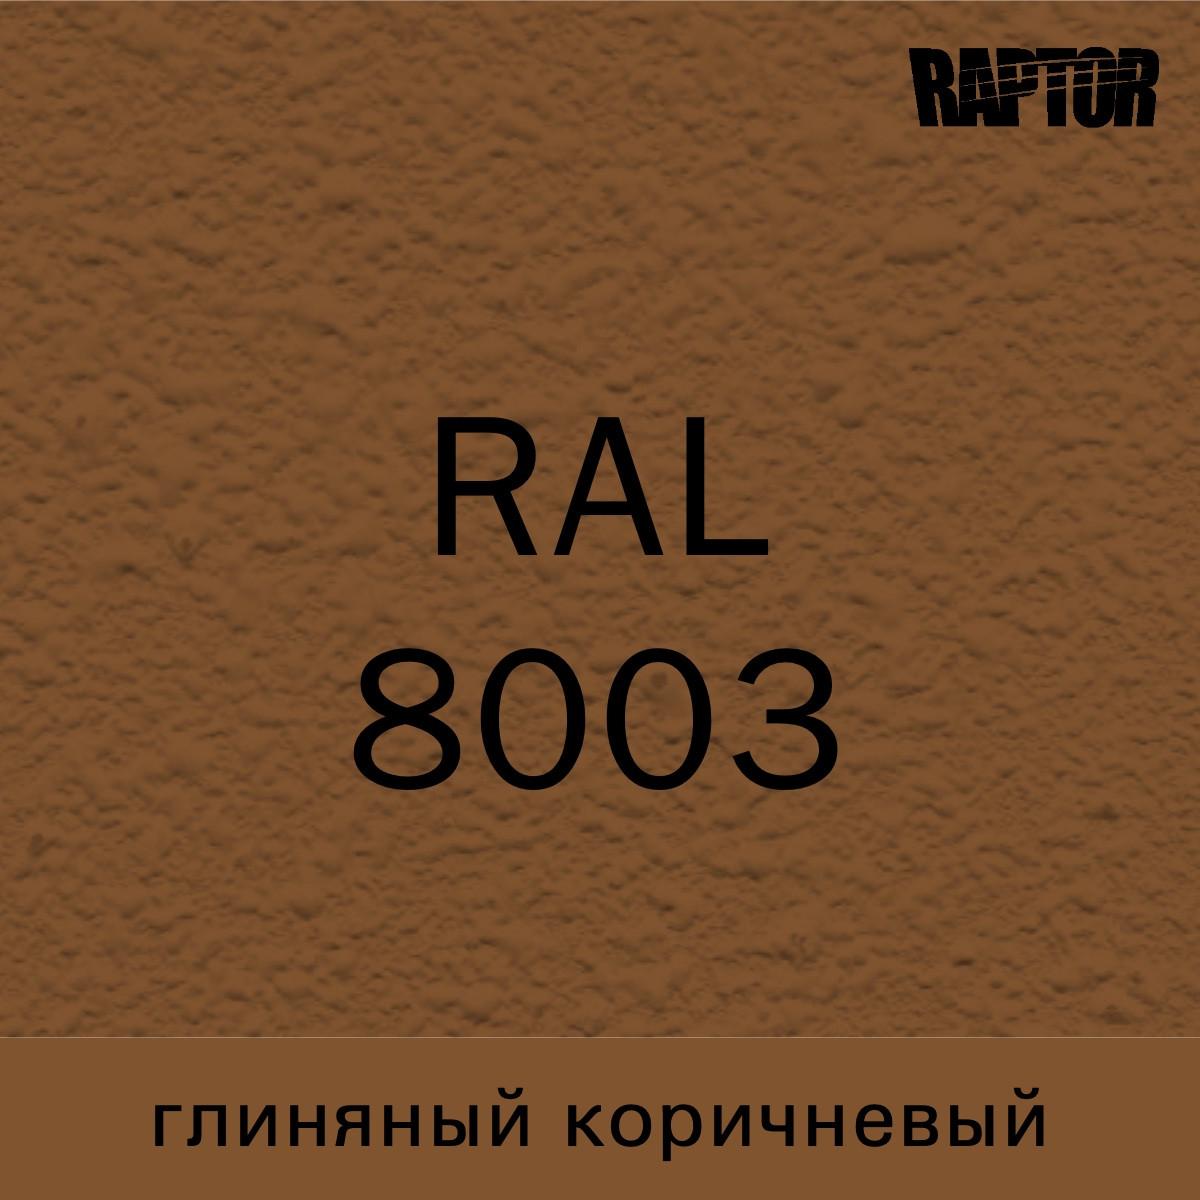 Пигмент для колеровки покрытия RAPTOR™ Глиняный коричневый (RAL 8003)